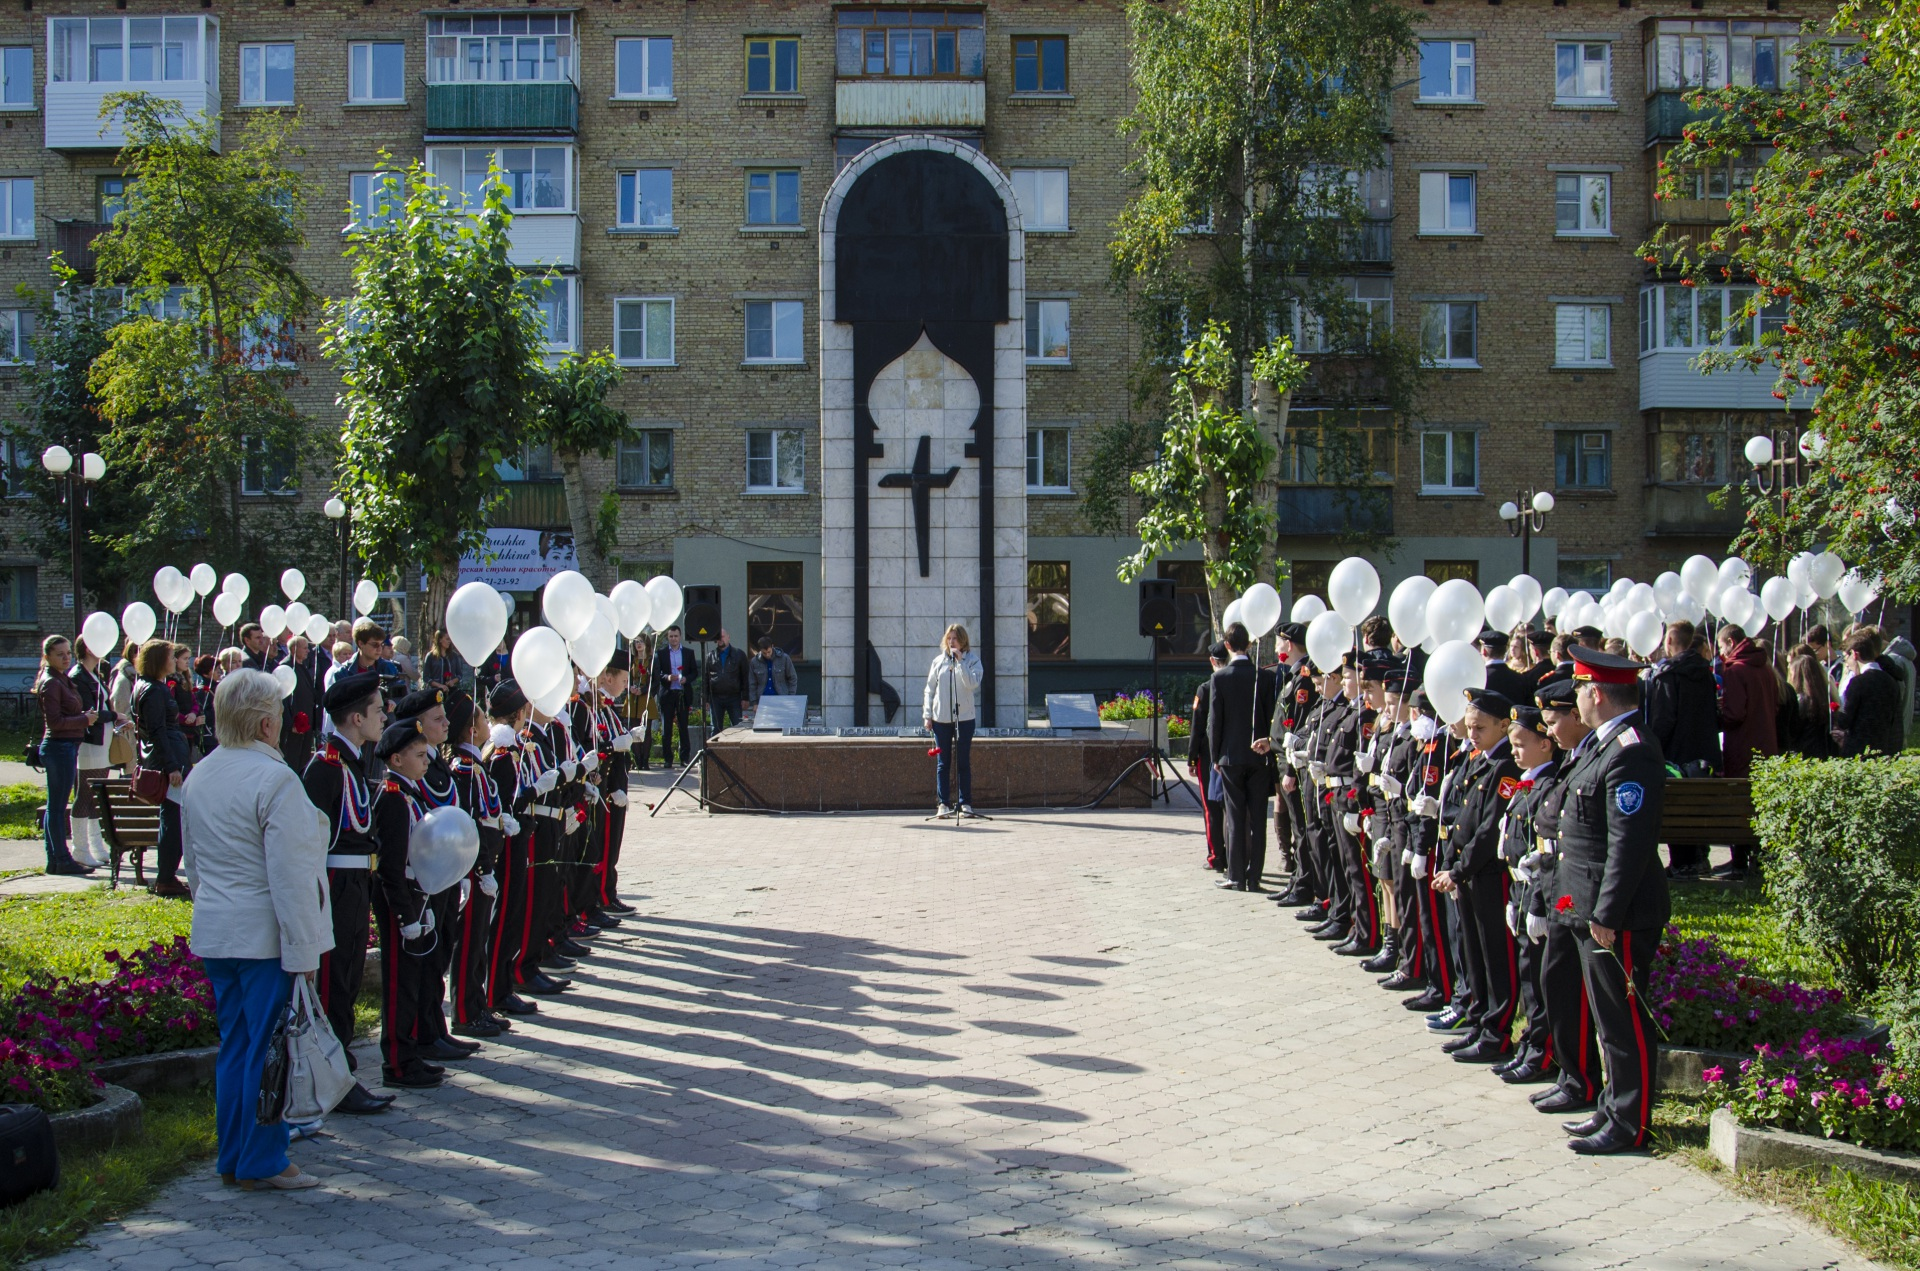 Ухтинцы сравнили бесланскую школу №1 с Домом Павлова в Волгограде